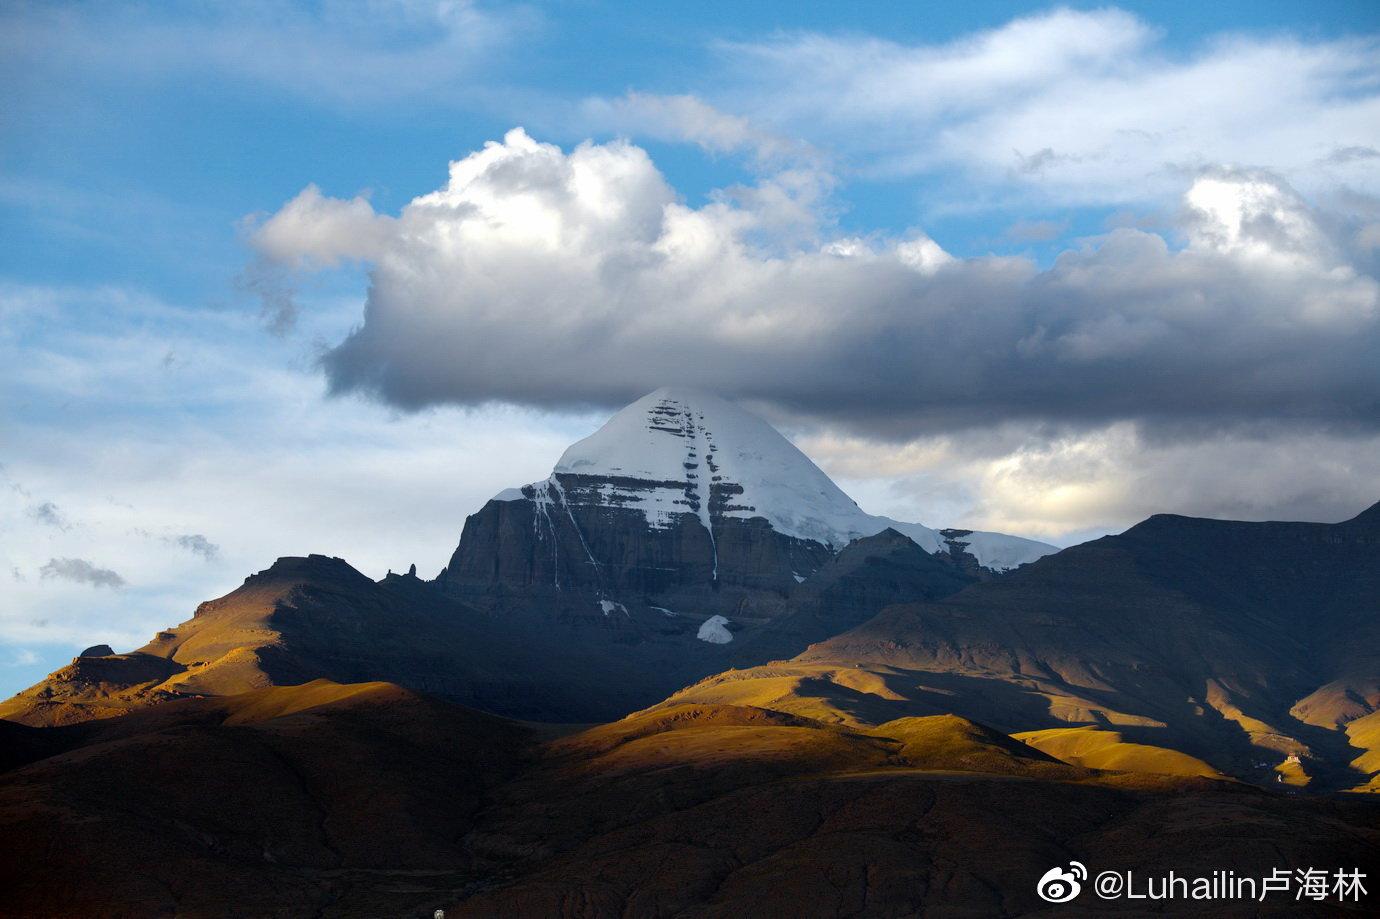 连日奔波在西藏阿里,受了点风寒,得了小感冒,在城堡酒店住了三天